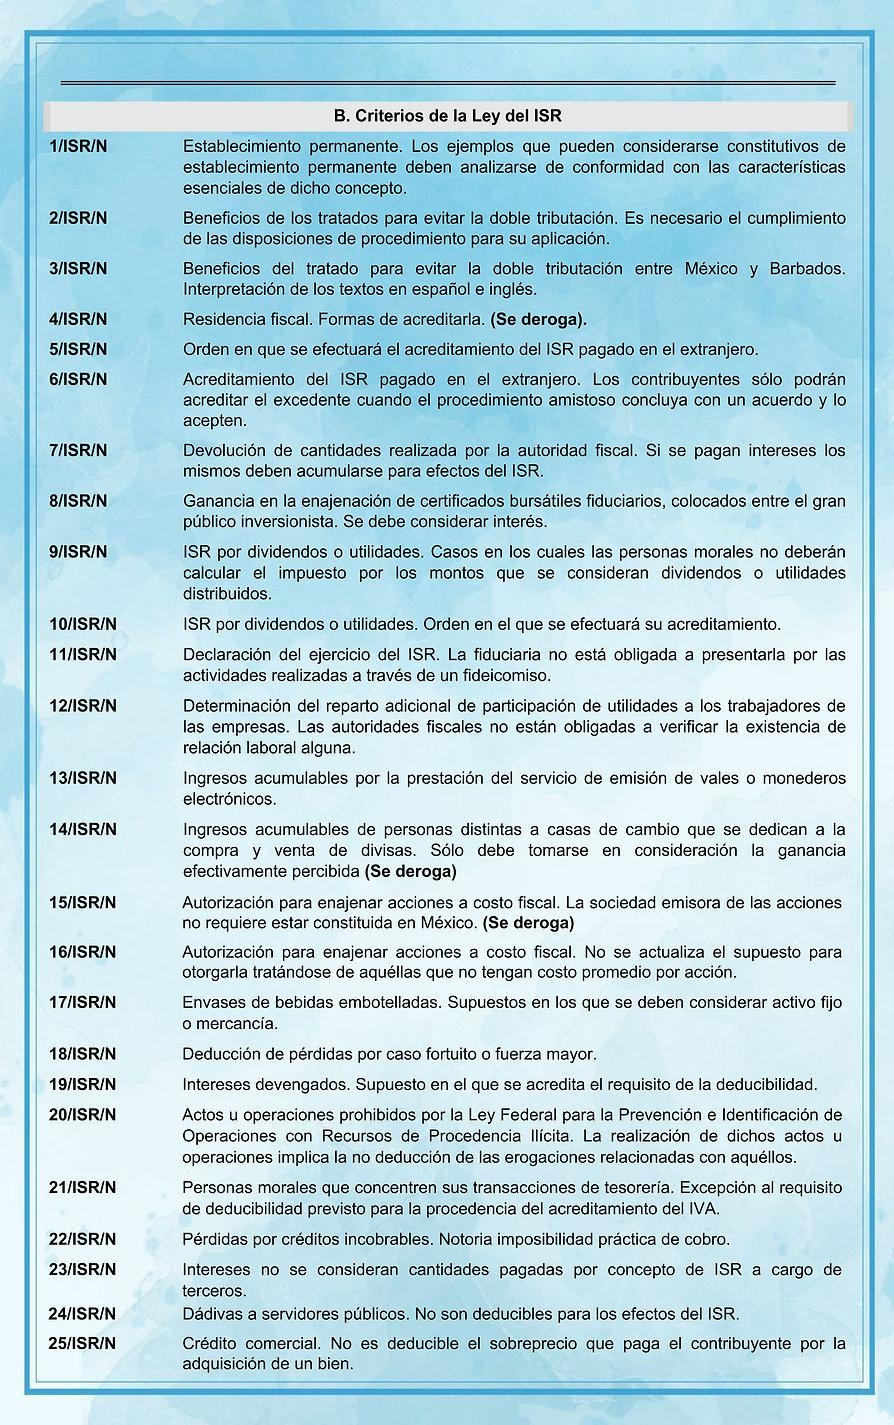 B-Criterios de la Ley de isr.jpg